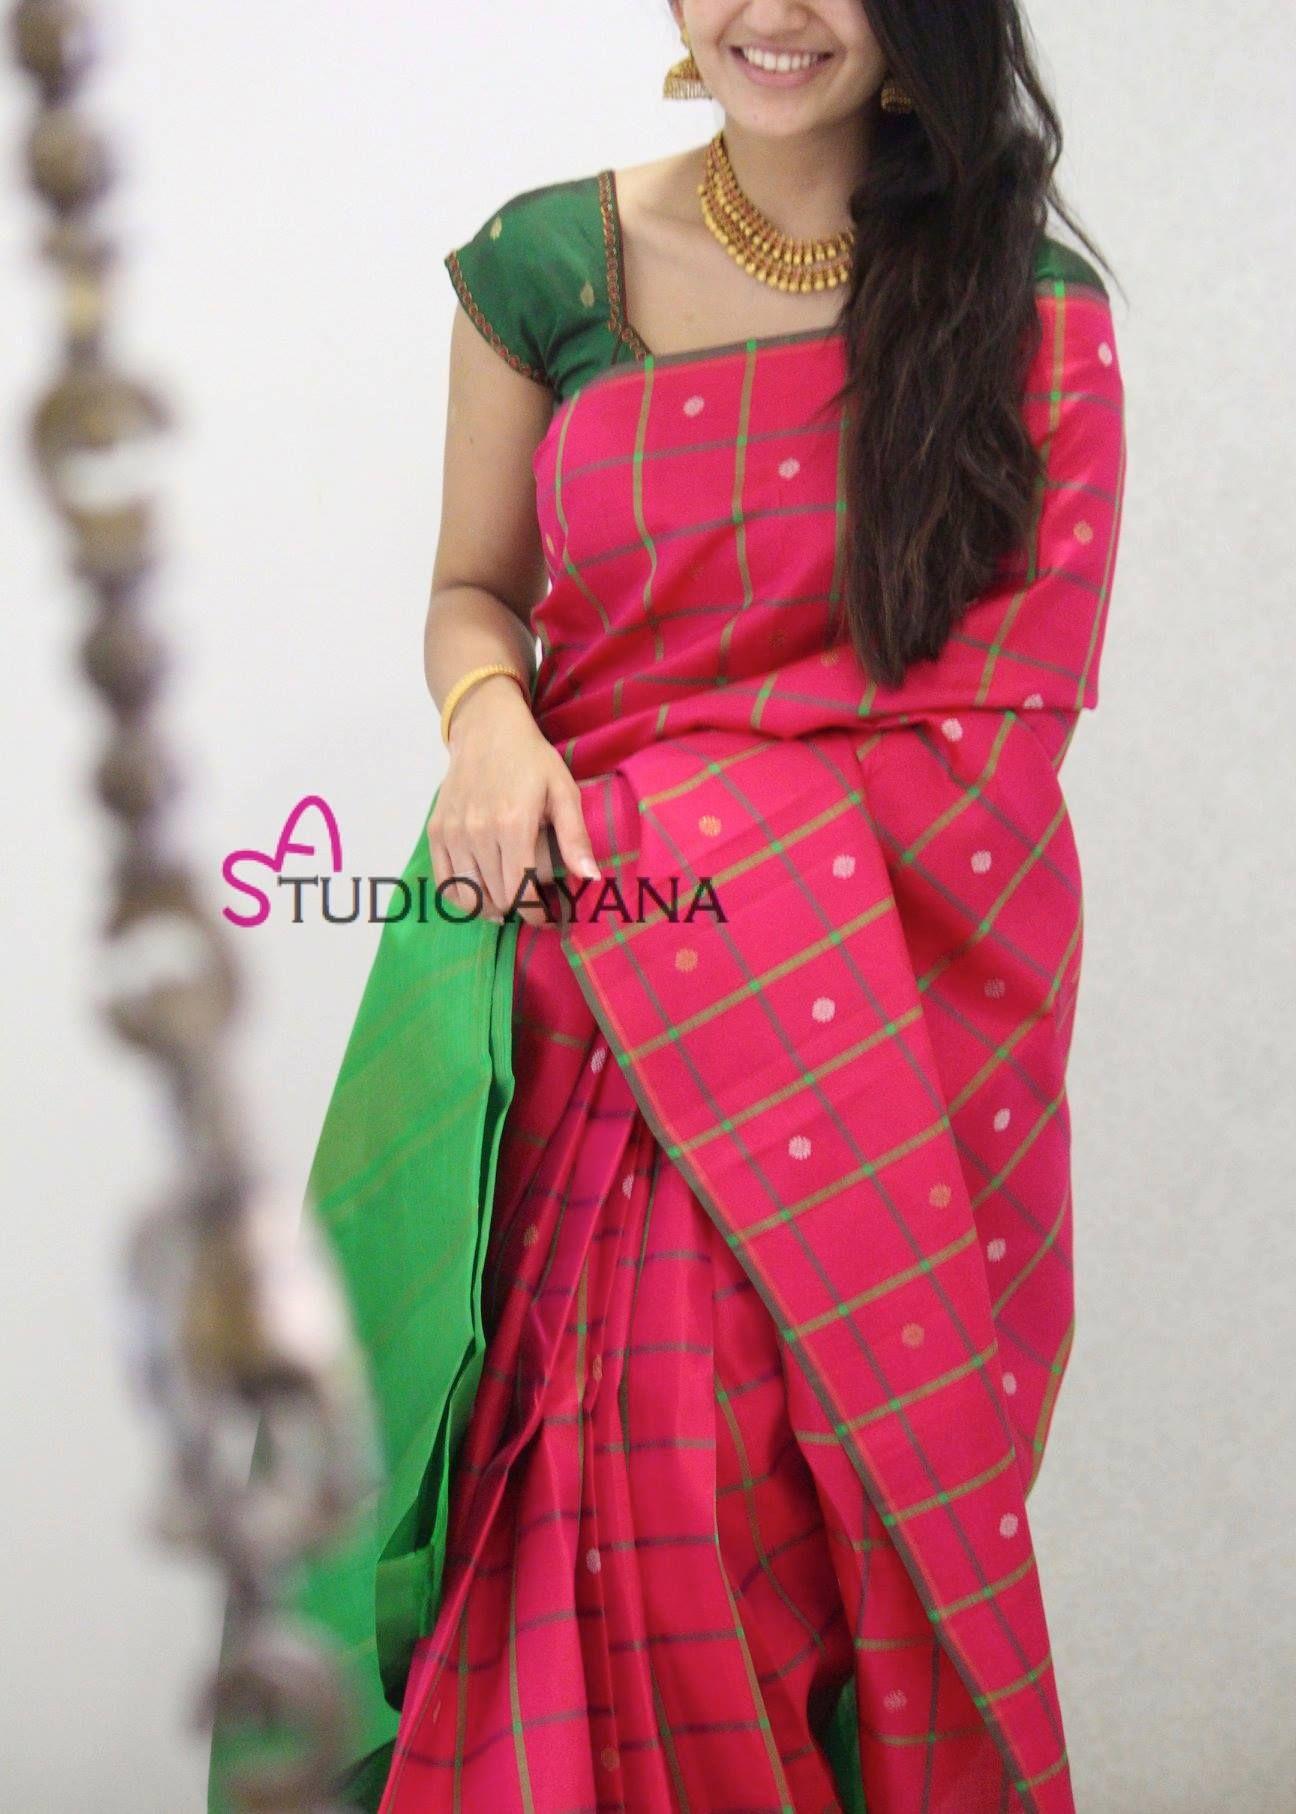 saree dress,dress for women,saris,wedding saree,sari,saris Pure Kanchipuram Silk Saree and blouse for women indian saree blue saree